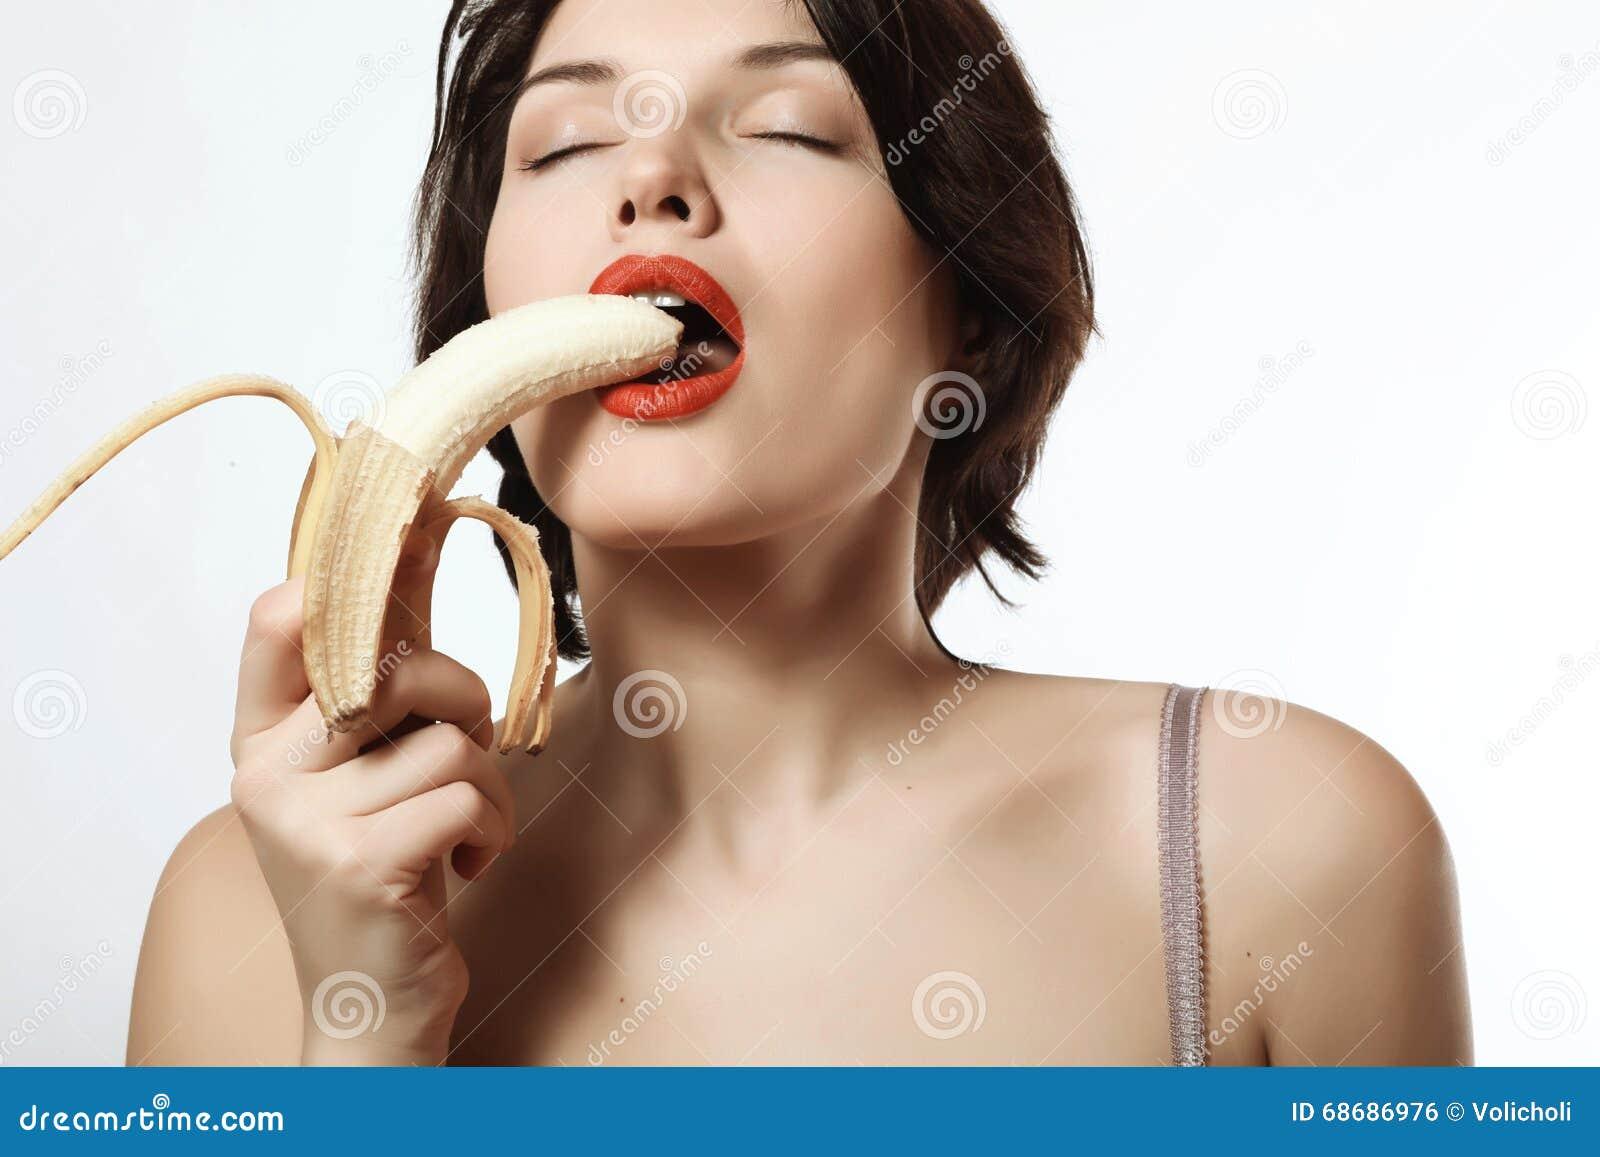 Девушки играют с бананом — photo 14